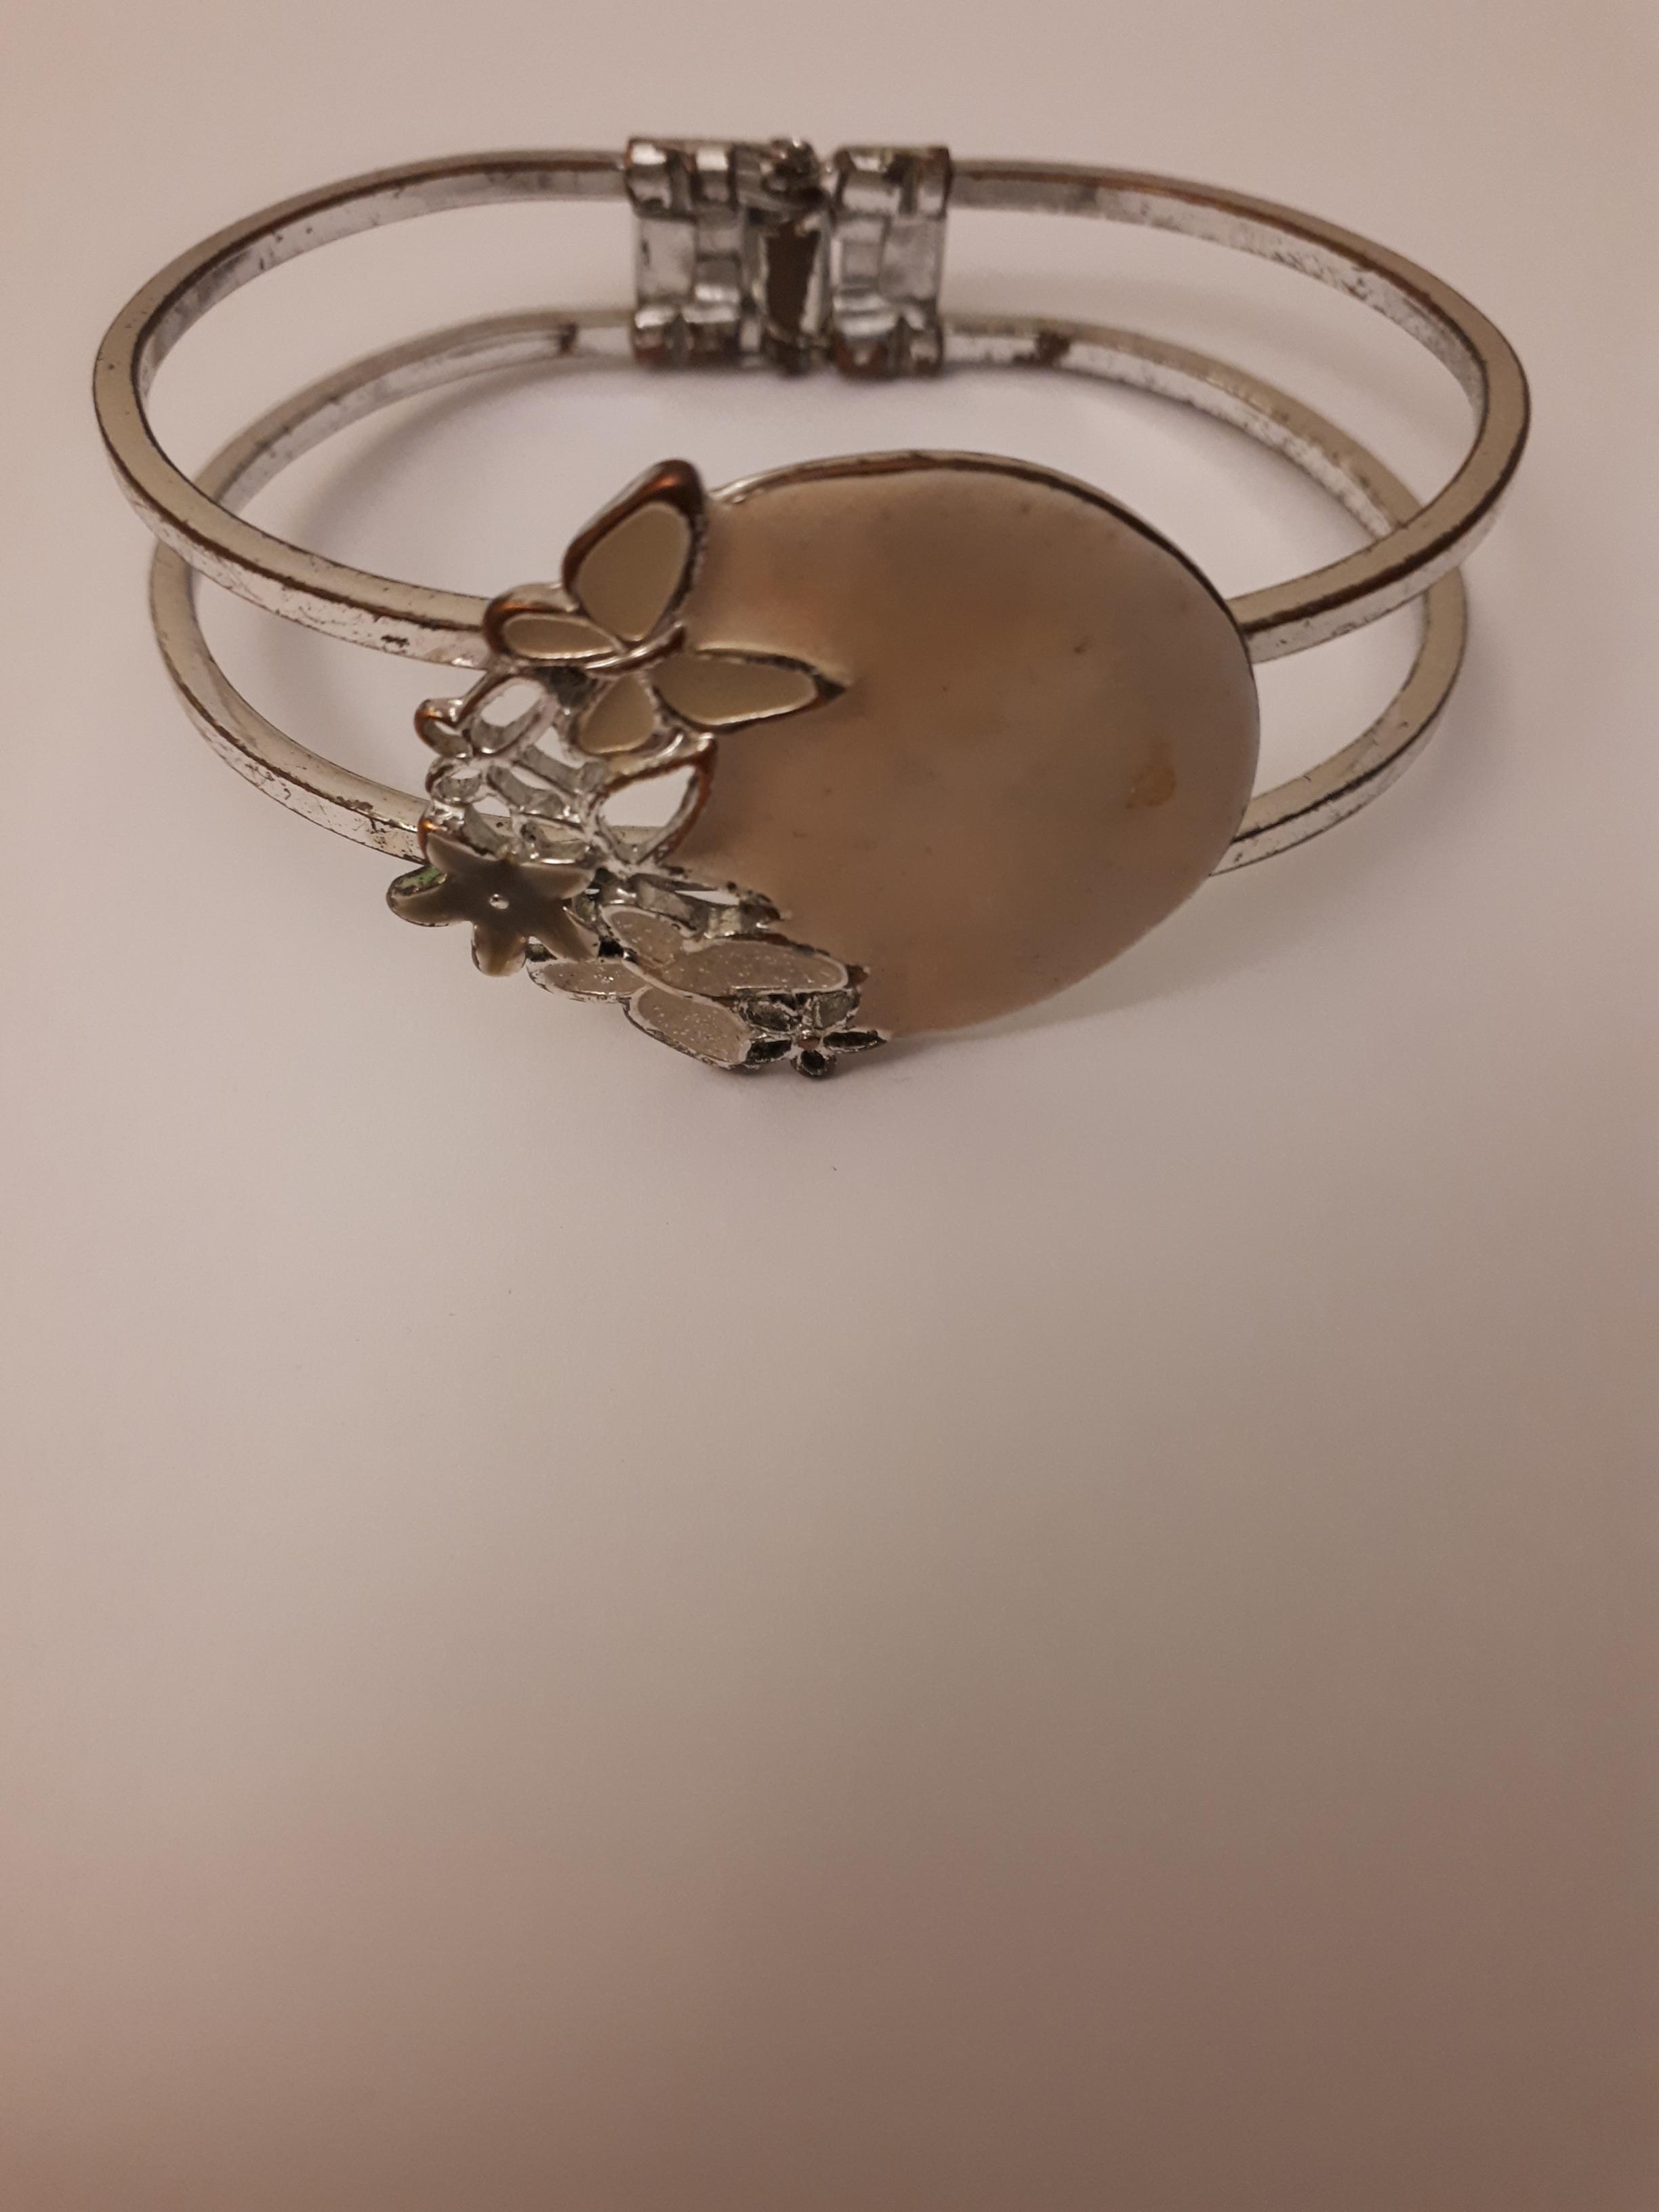 troc de troc bracelet armand thierry féminin image 0